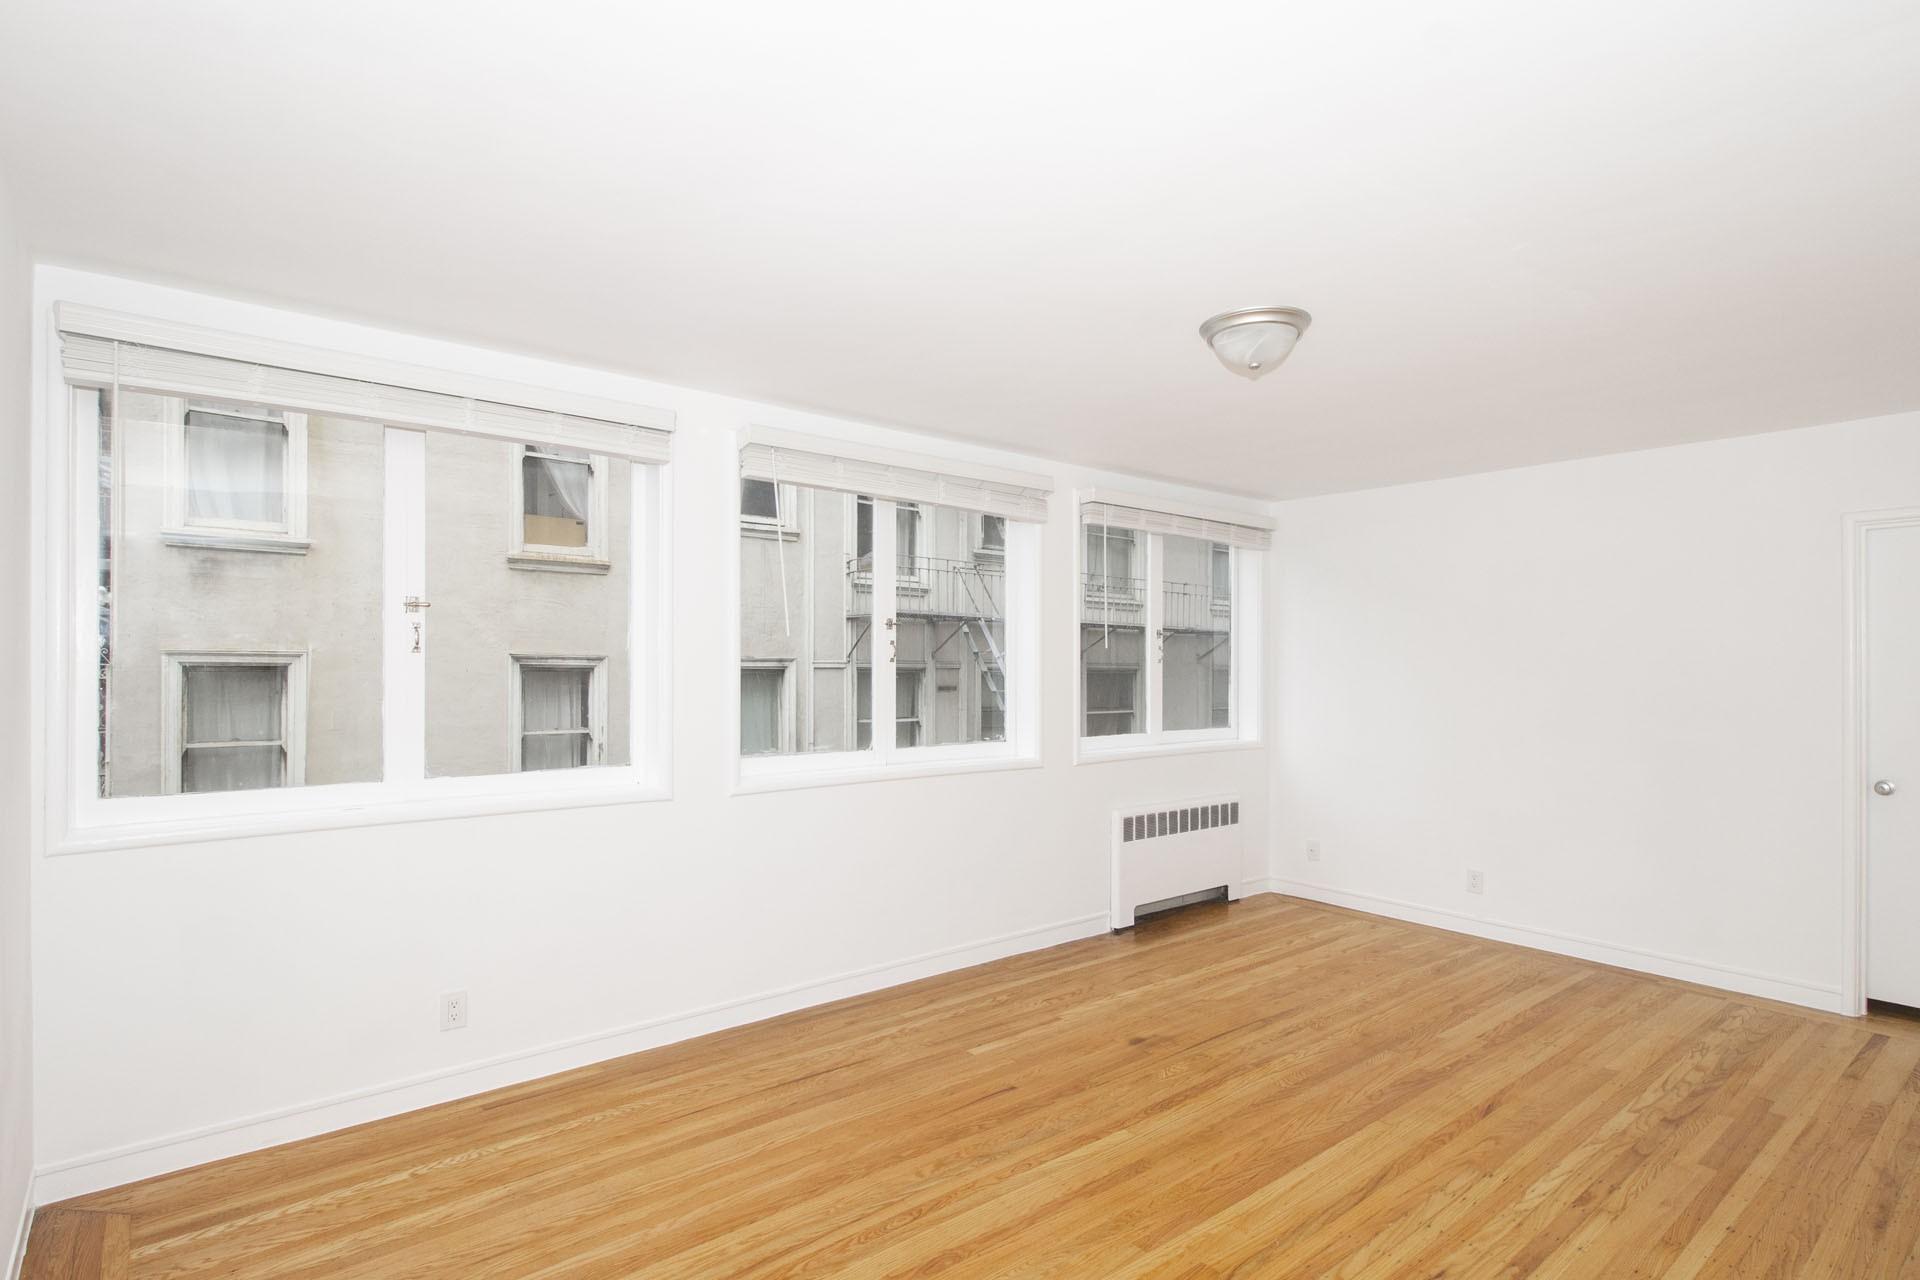 50 JOICE Apartments & Suites